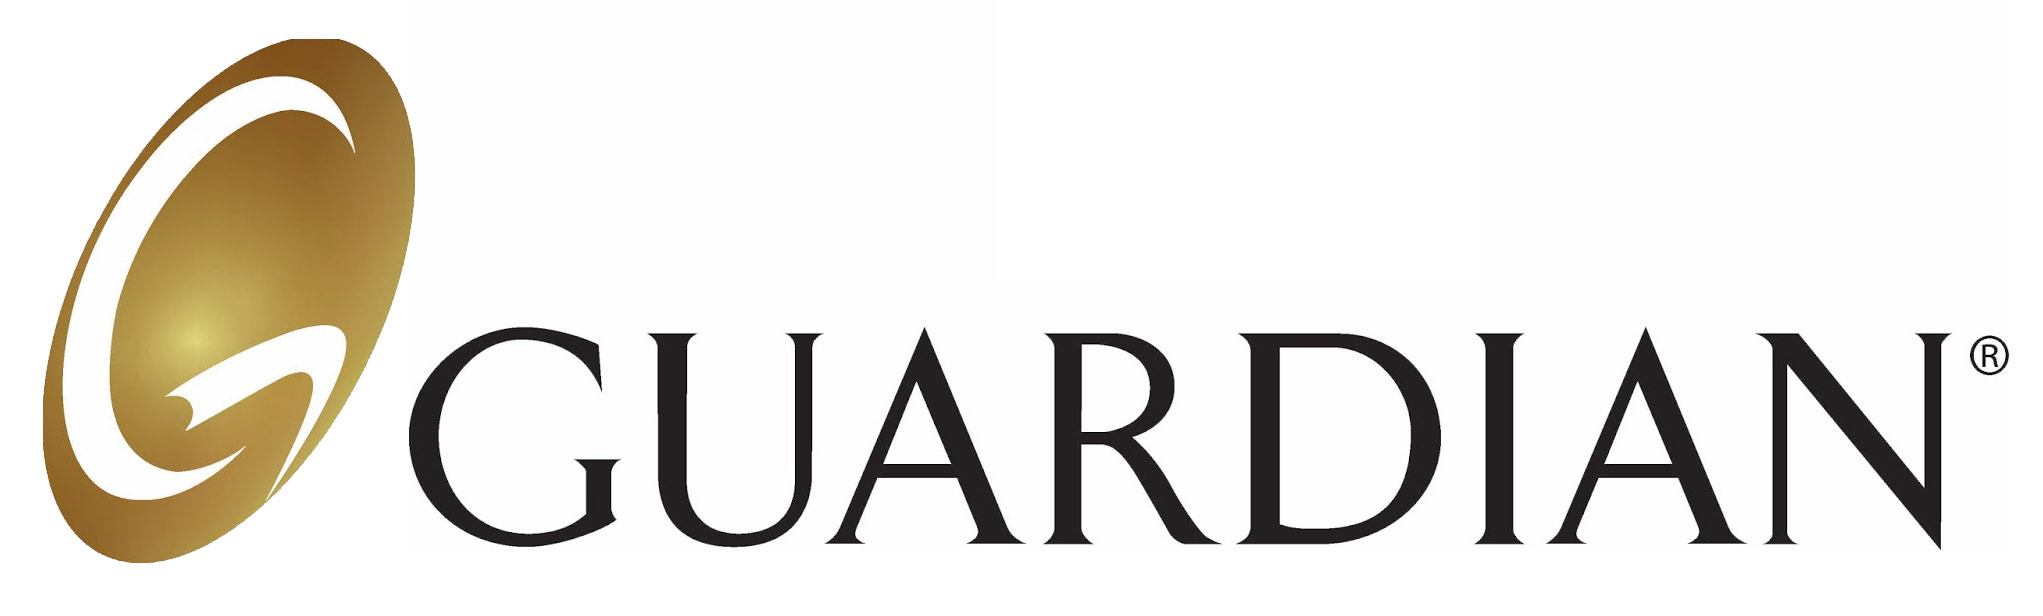 guardian-insurance-logo